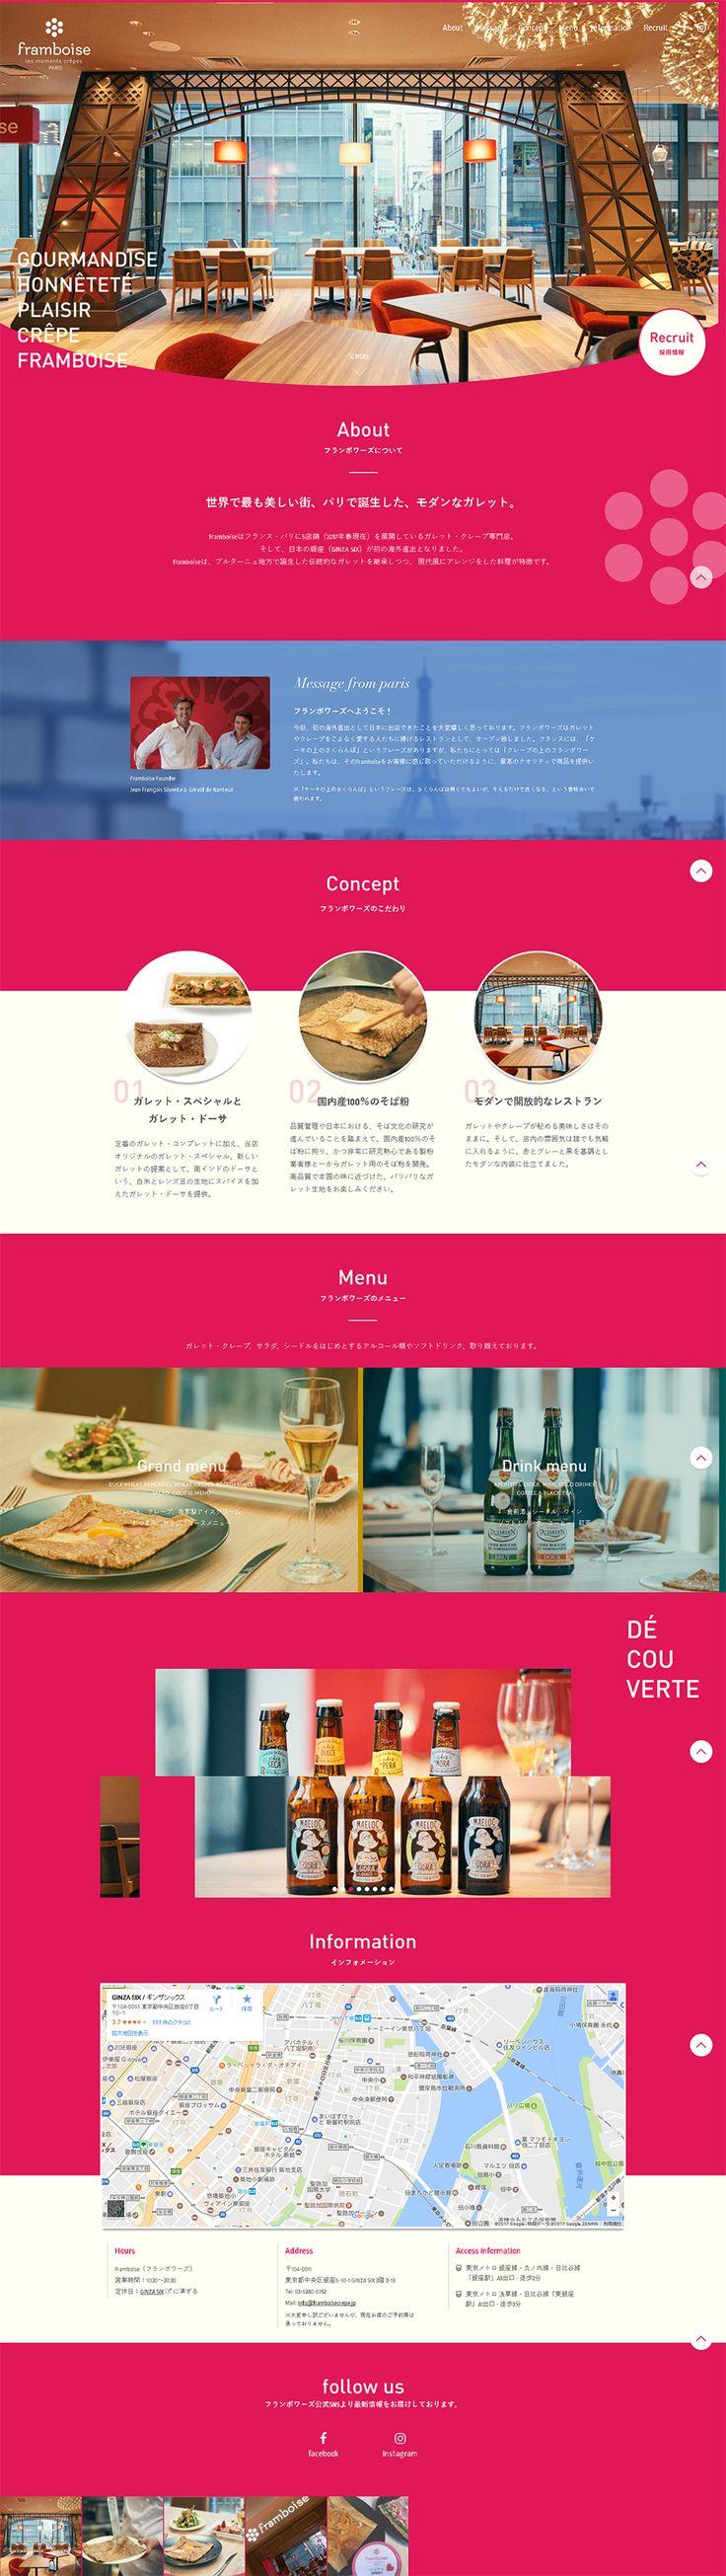 ガレット&クレープ専門店Framboise(フランボワーズ)|WEBデザイナーさん必見!ランディングページのデザイン参考に(シンプル系)